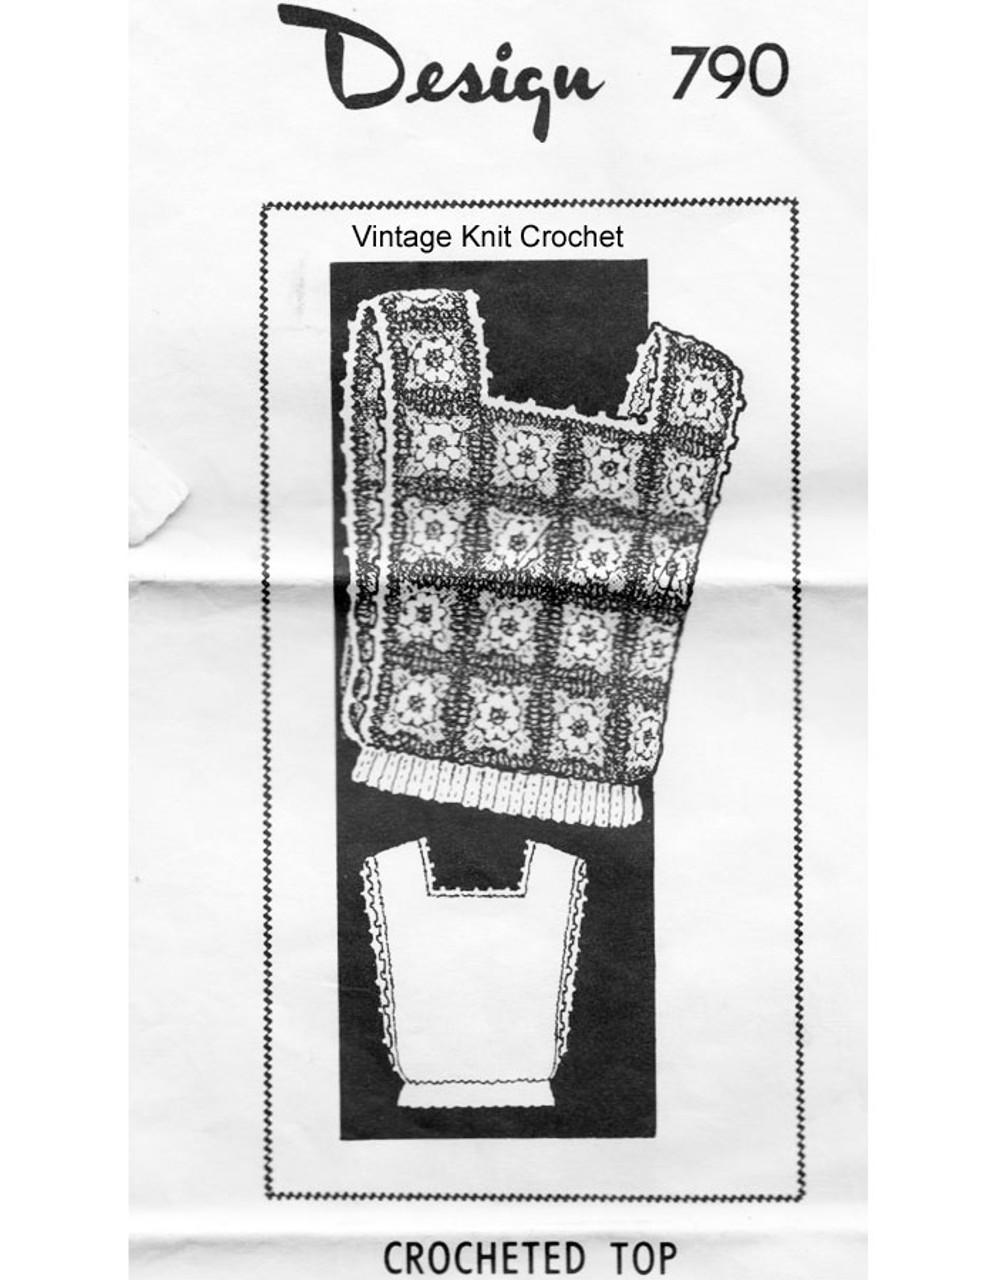 Granny Square Crochet Top Pattern Design 790